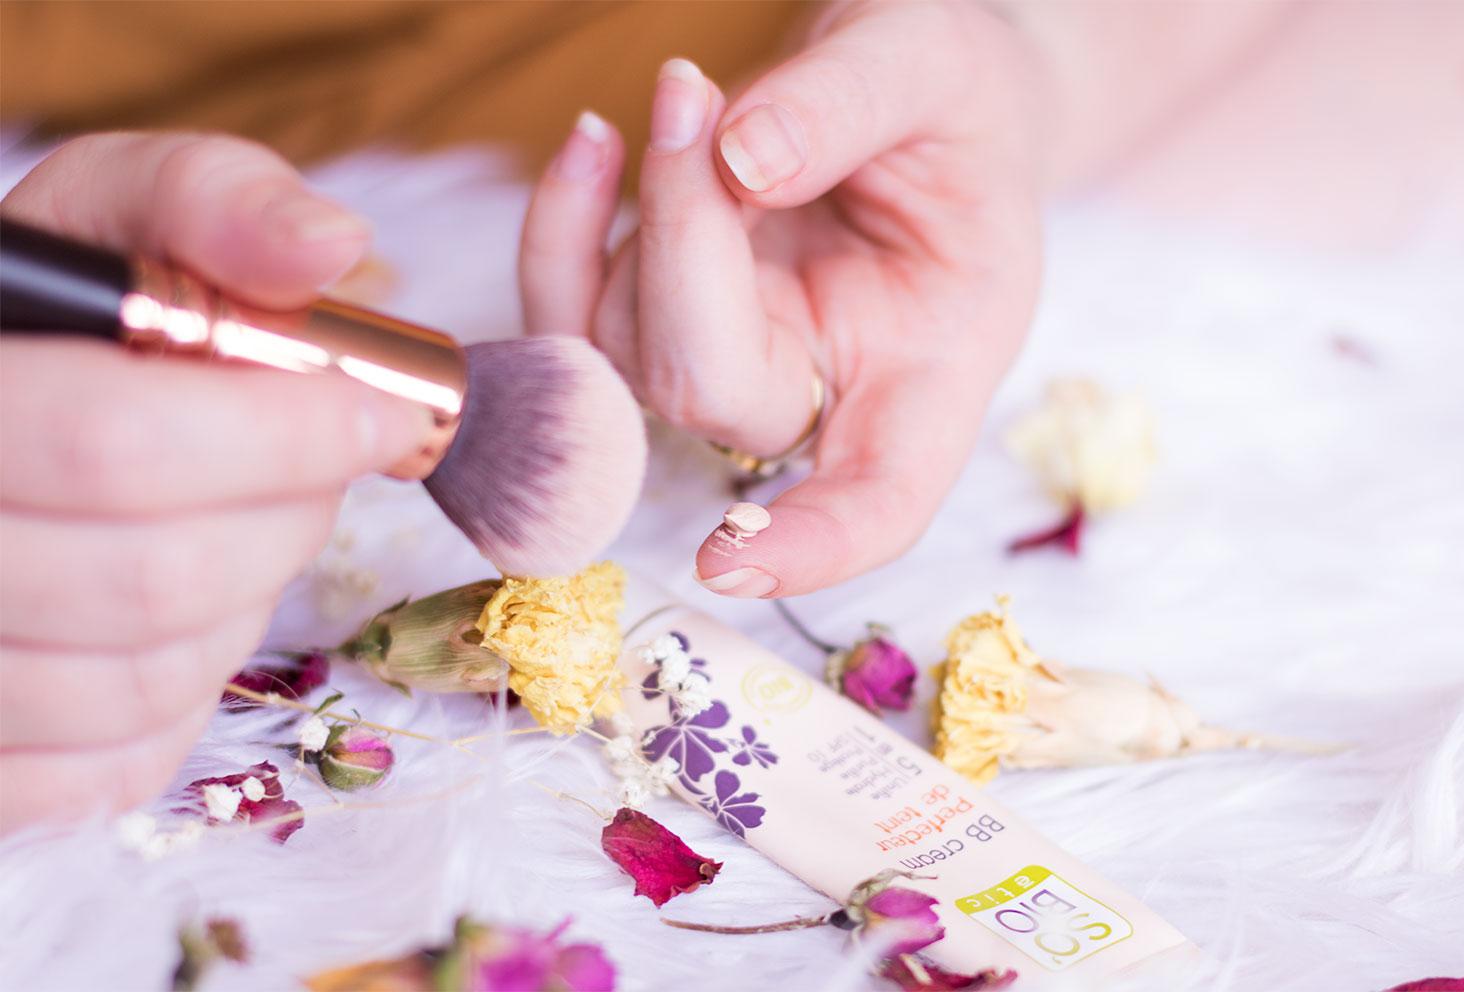 Zoom sur la texture de la BB crème de SO'BiO étic sur le bout du doigt avec le pinceau et les fleurs séchées à côté